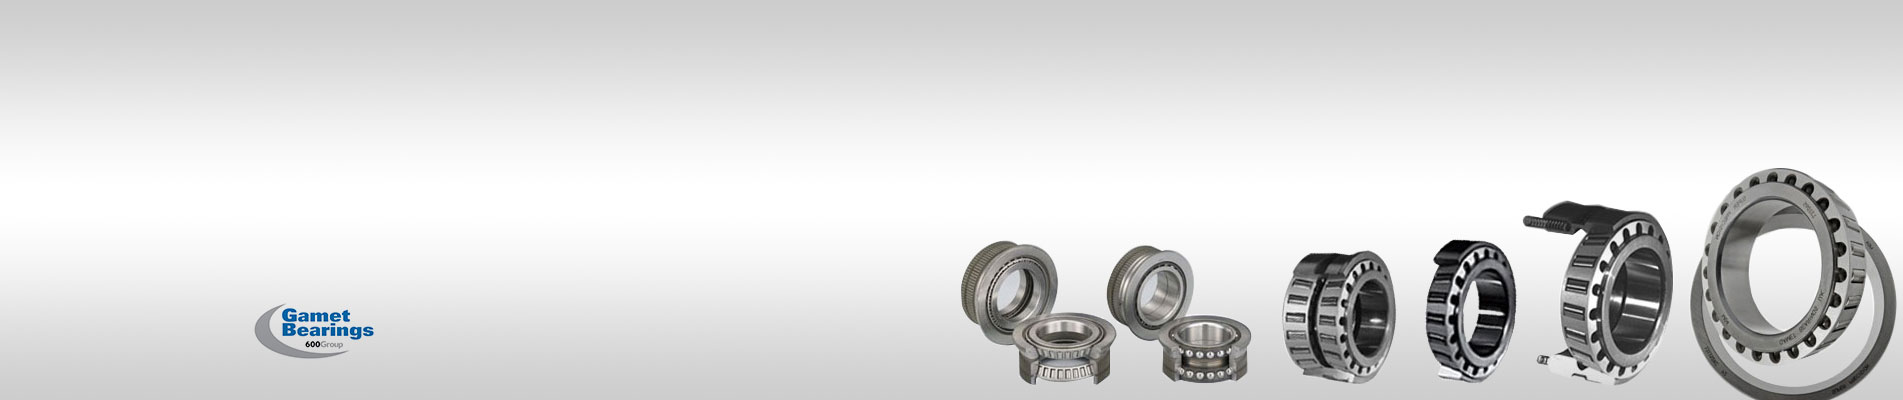 gamet bearings 1